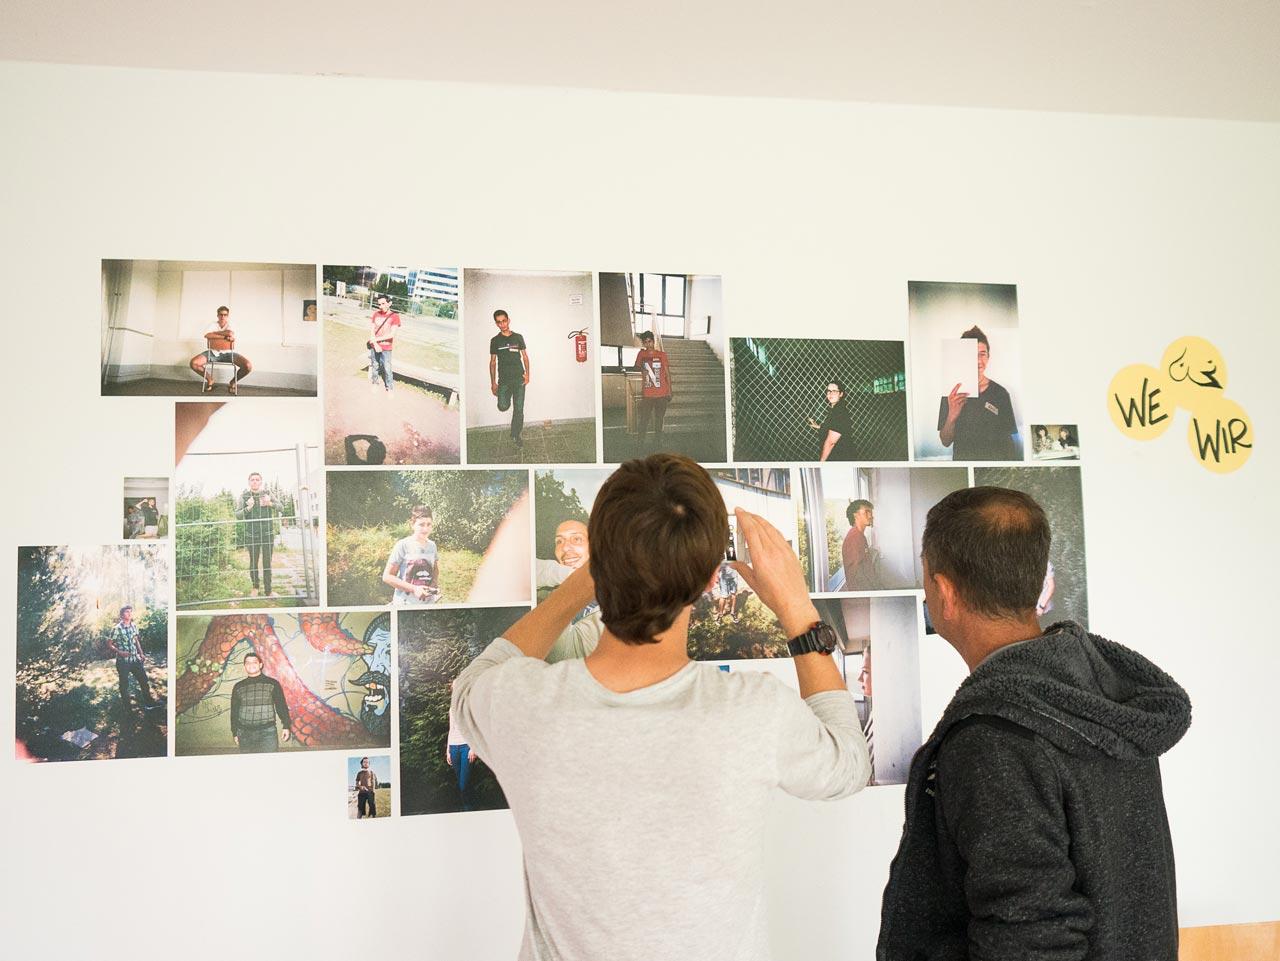 Die Ergebnisse des Workshops werden in einer Ausstellung in der Erstanlaufstelle in Suhl gezeigt. Foto: Meine (neue) Welt